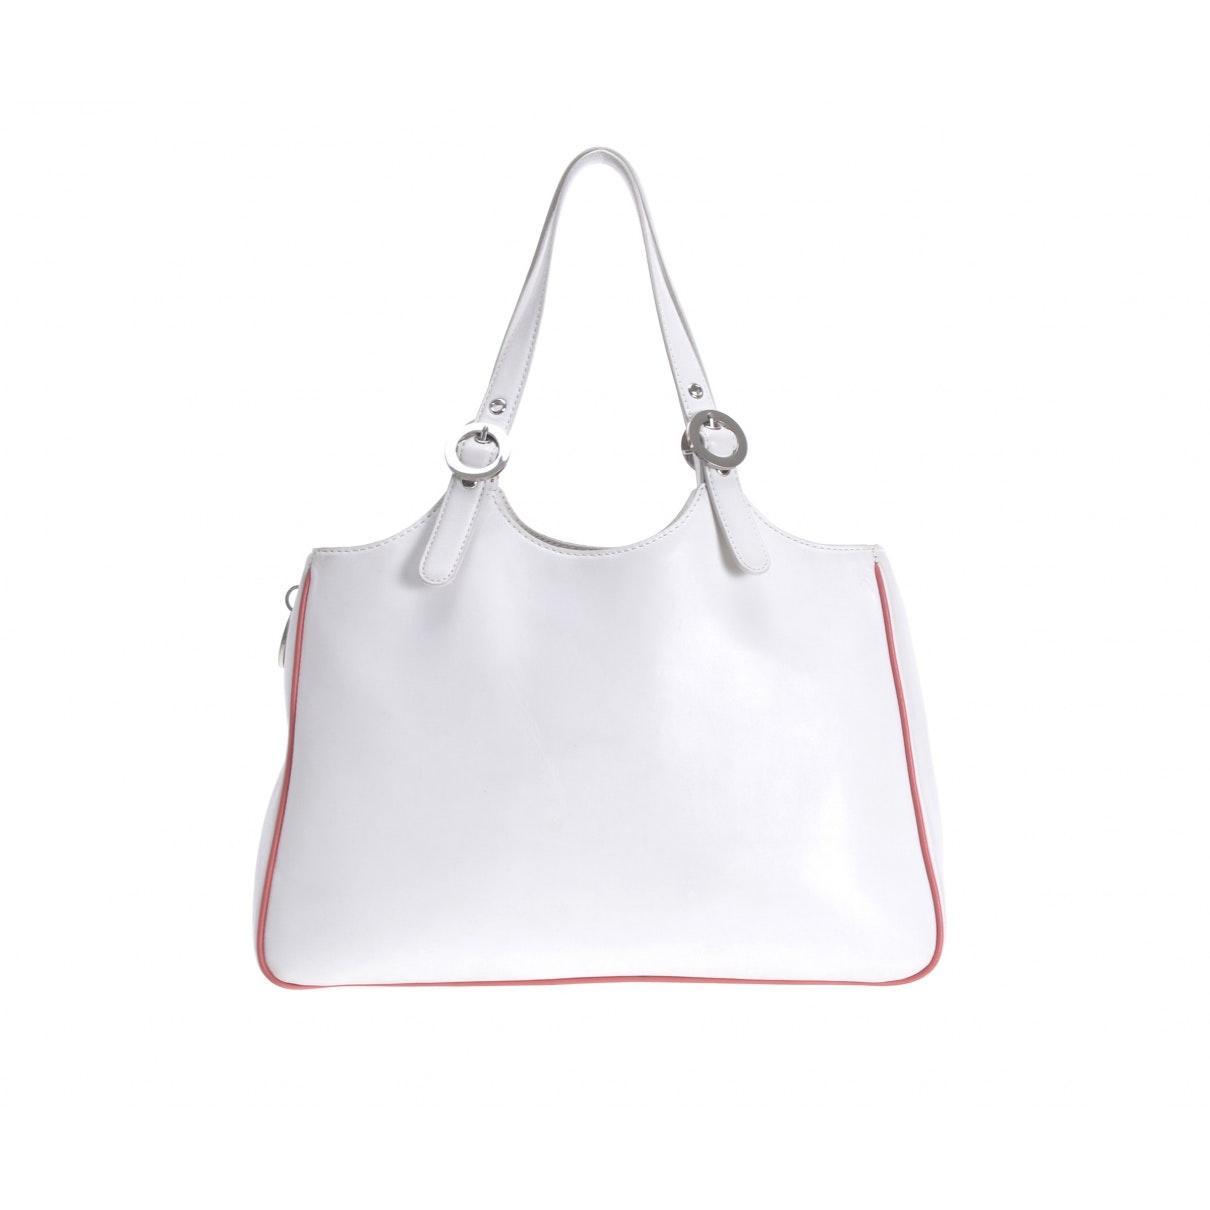 Sacs à main Cuir Givenchy en coloris Blanc M48Q